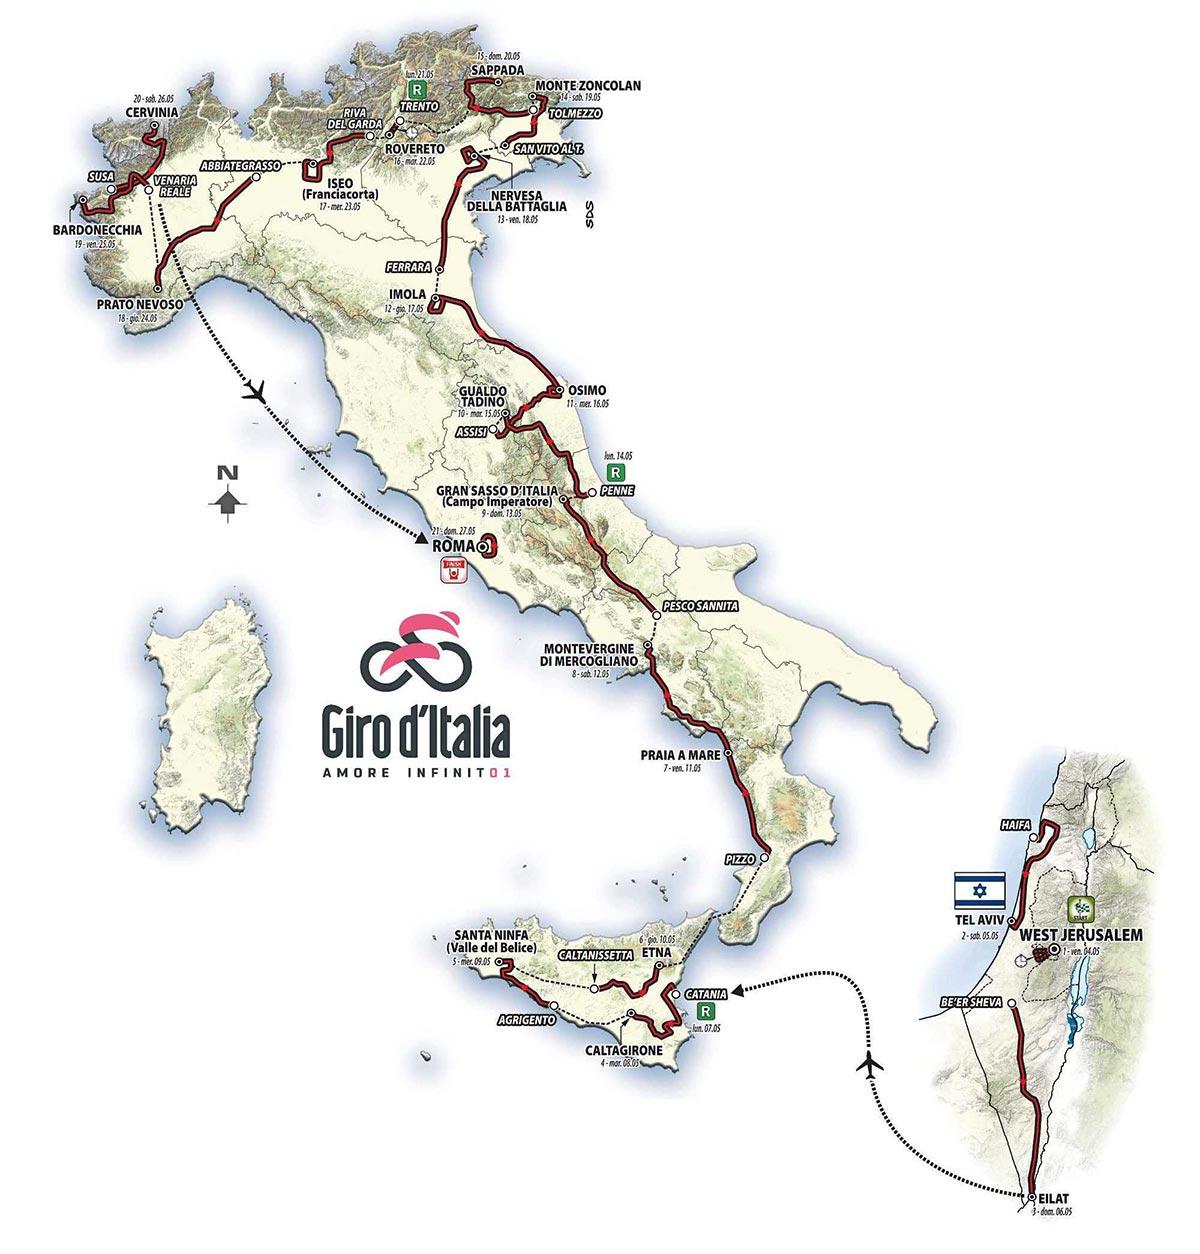 Il percorso del Giro d'Italia 2018